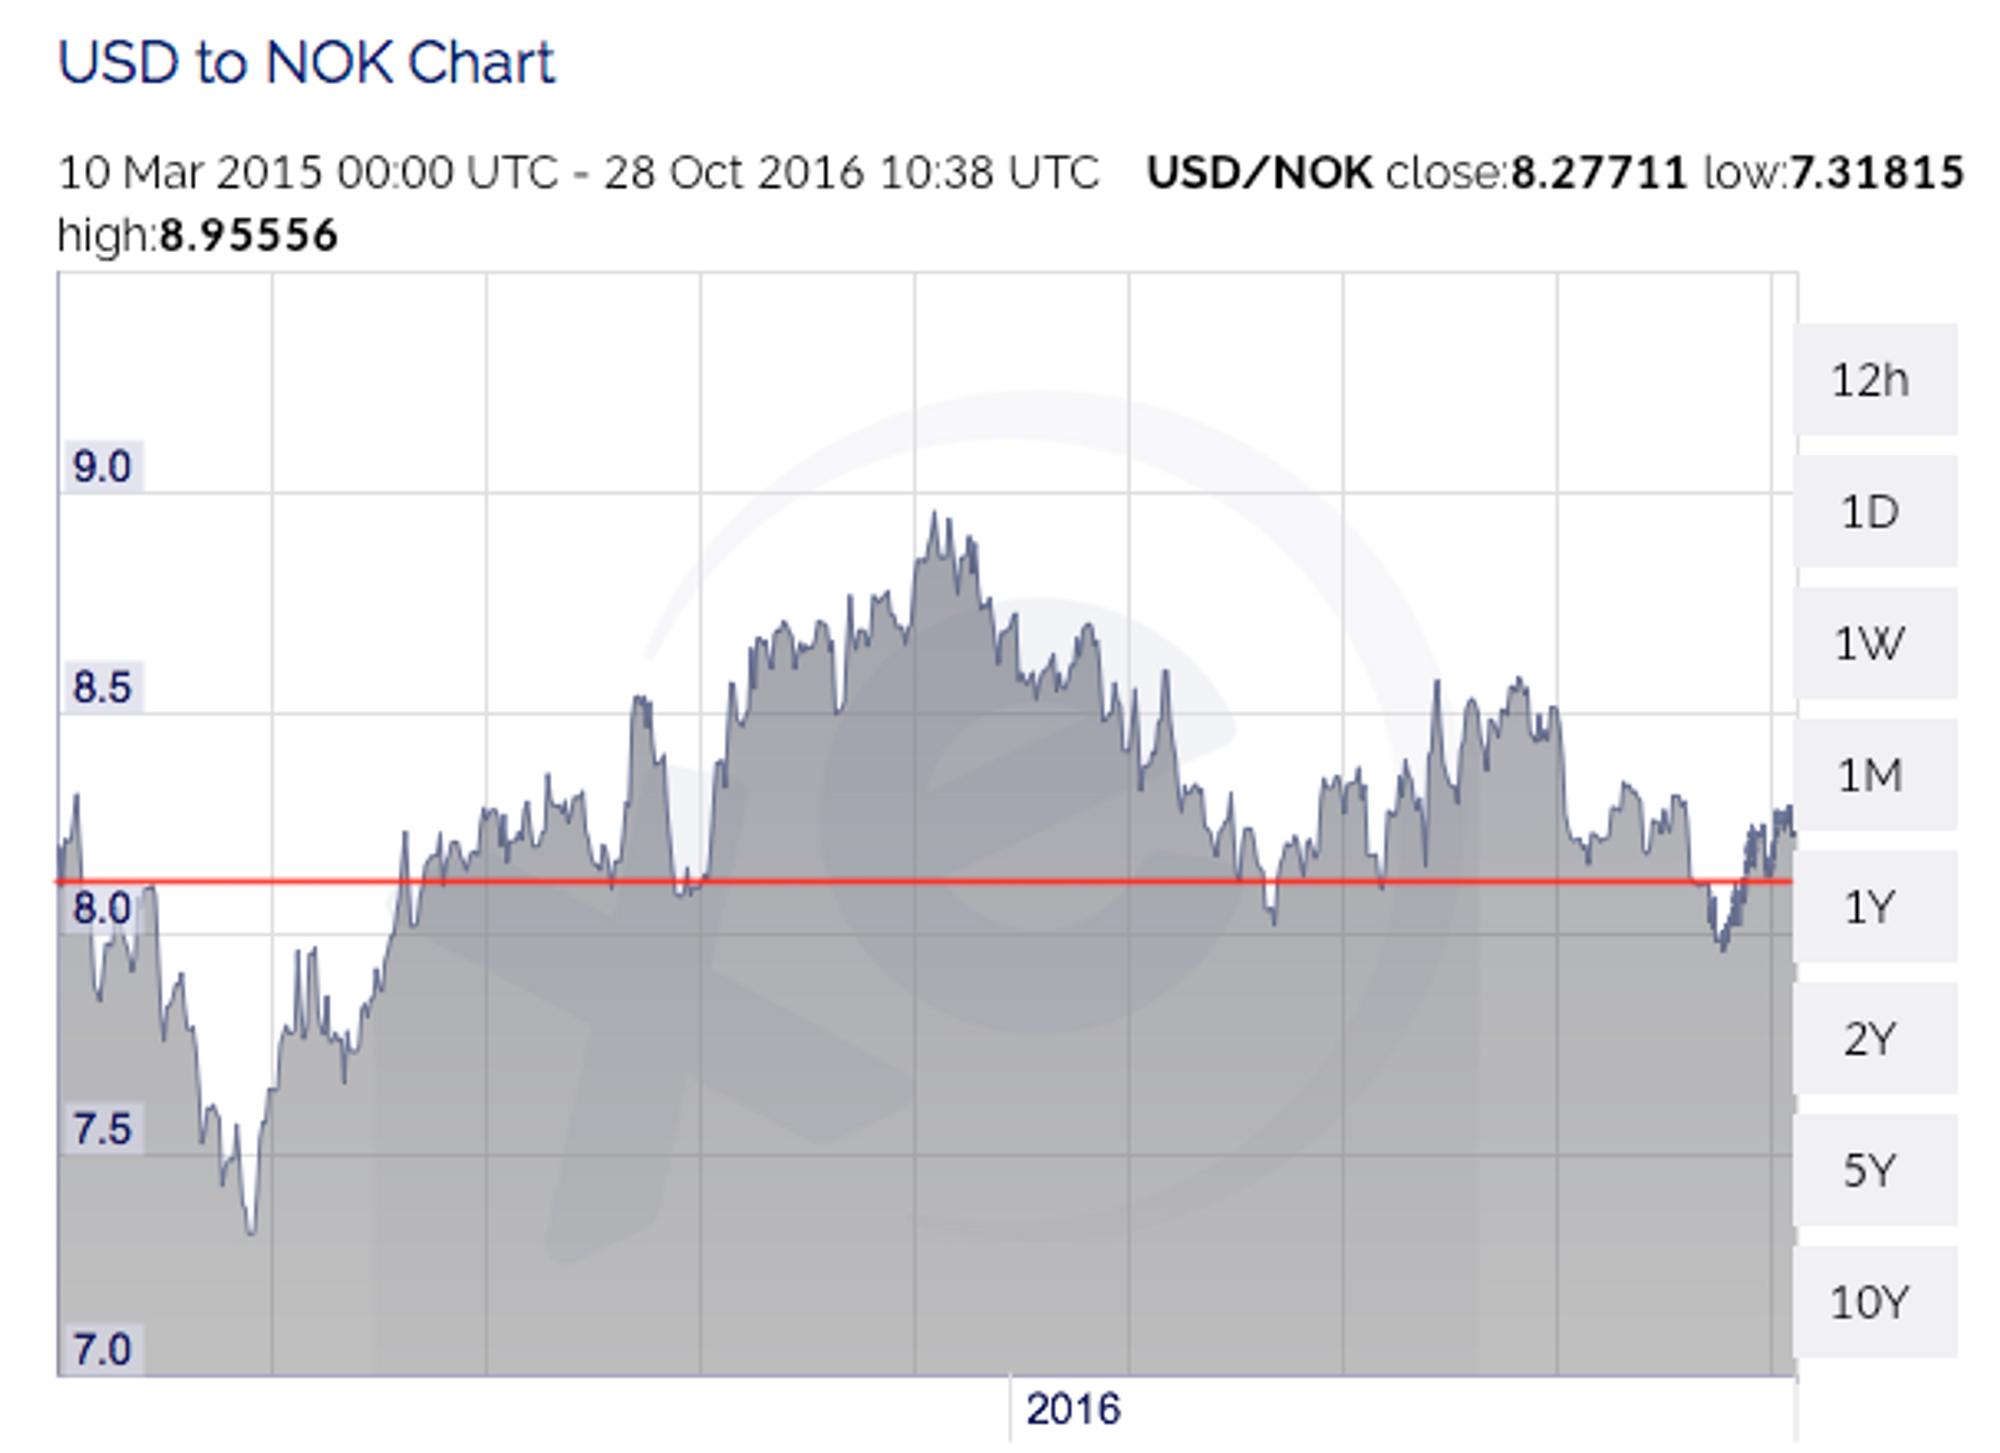 Utviklingen NOK/USD mars 2015 til september 2016.